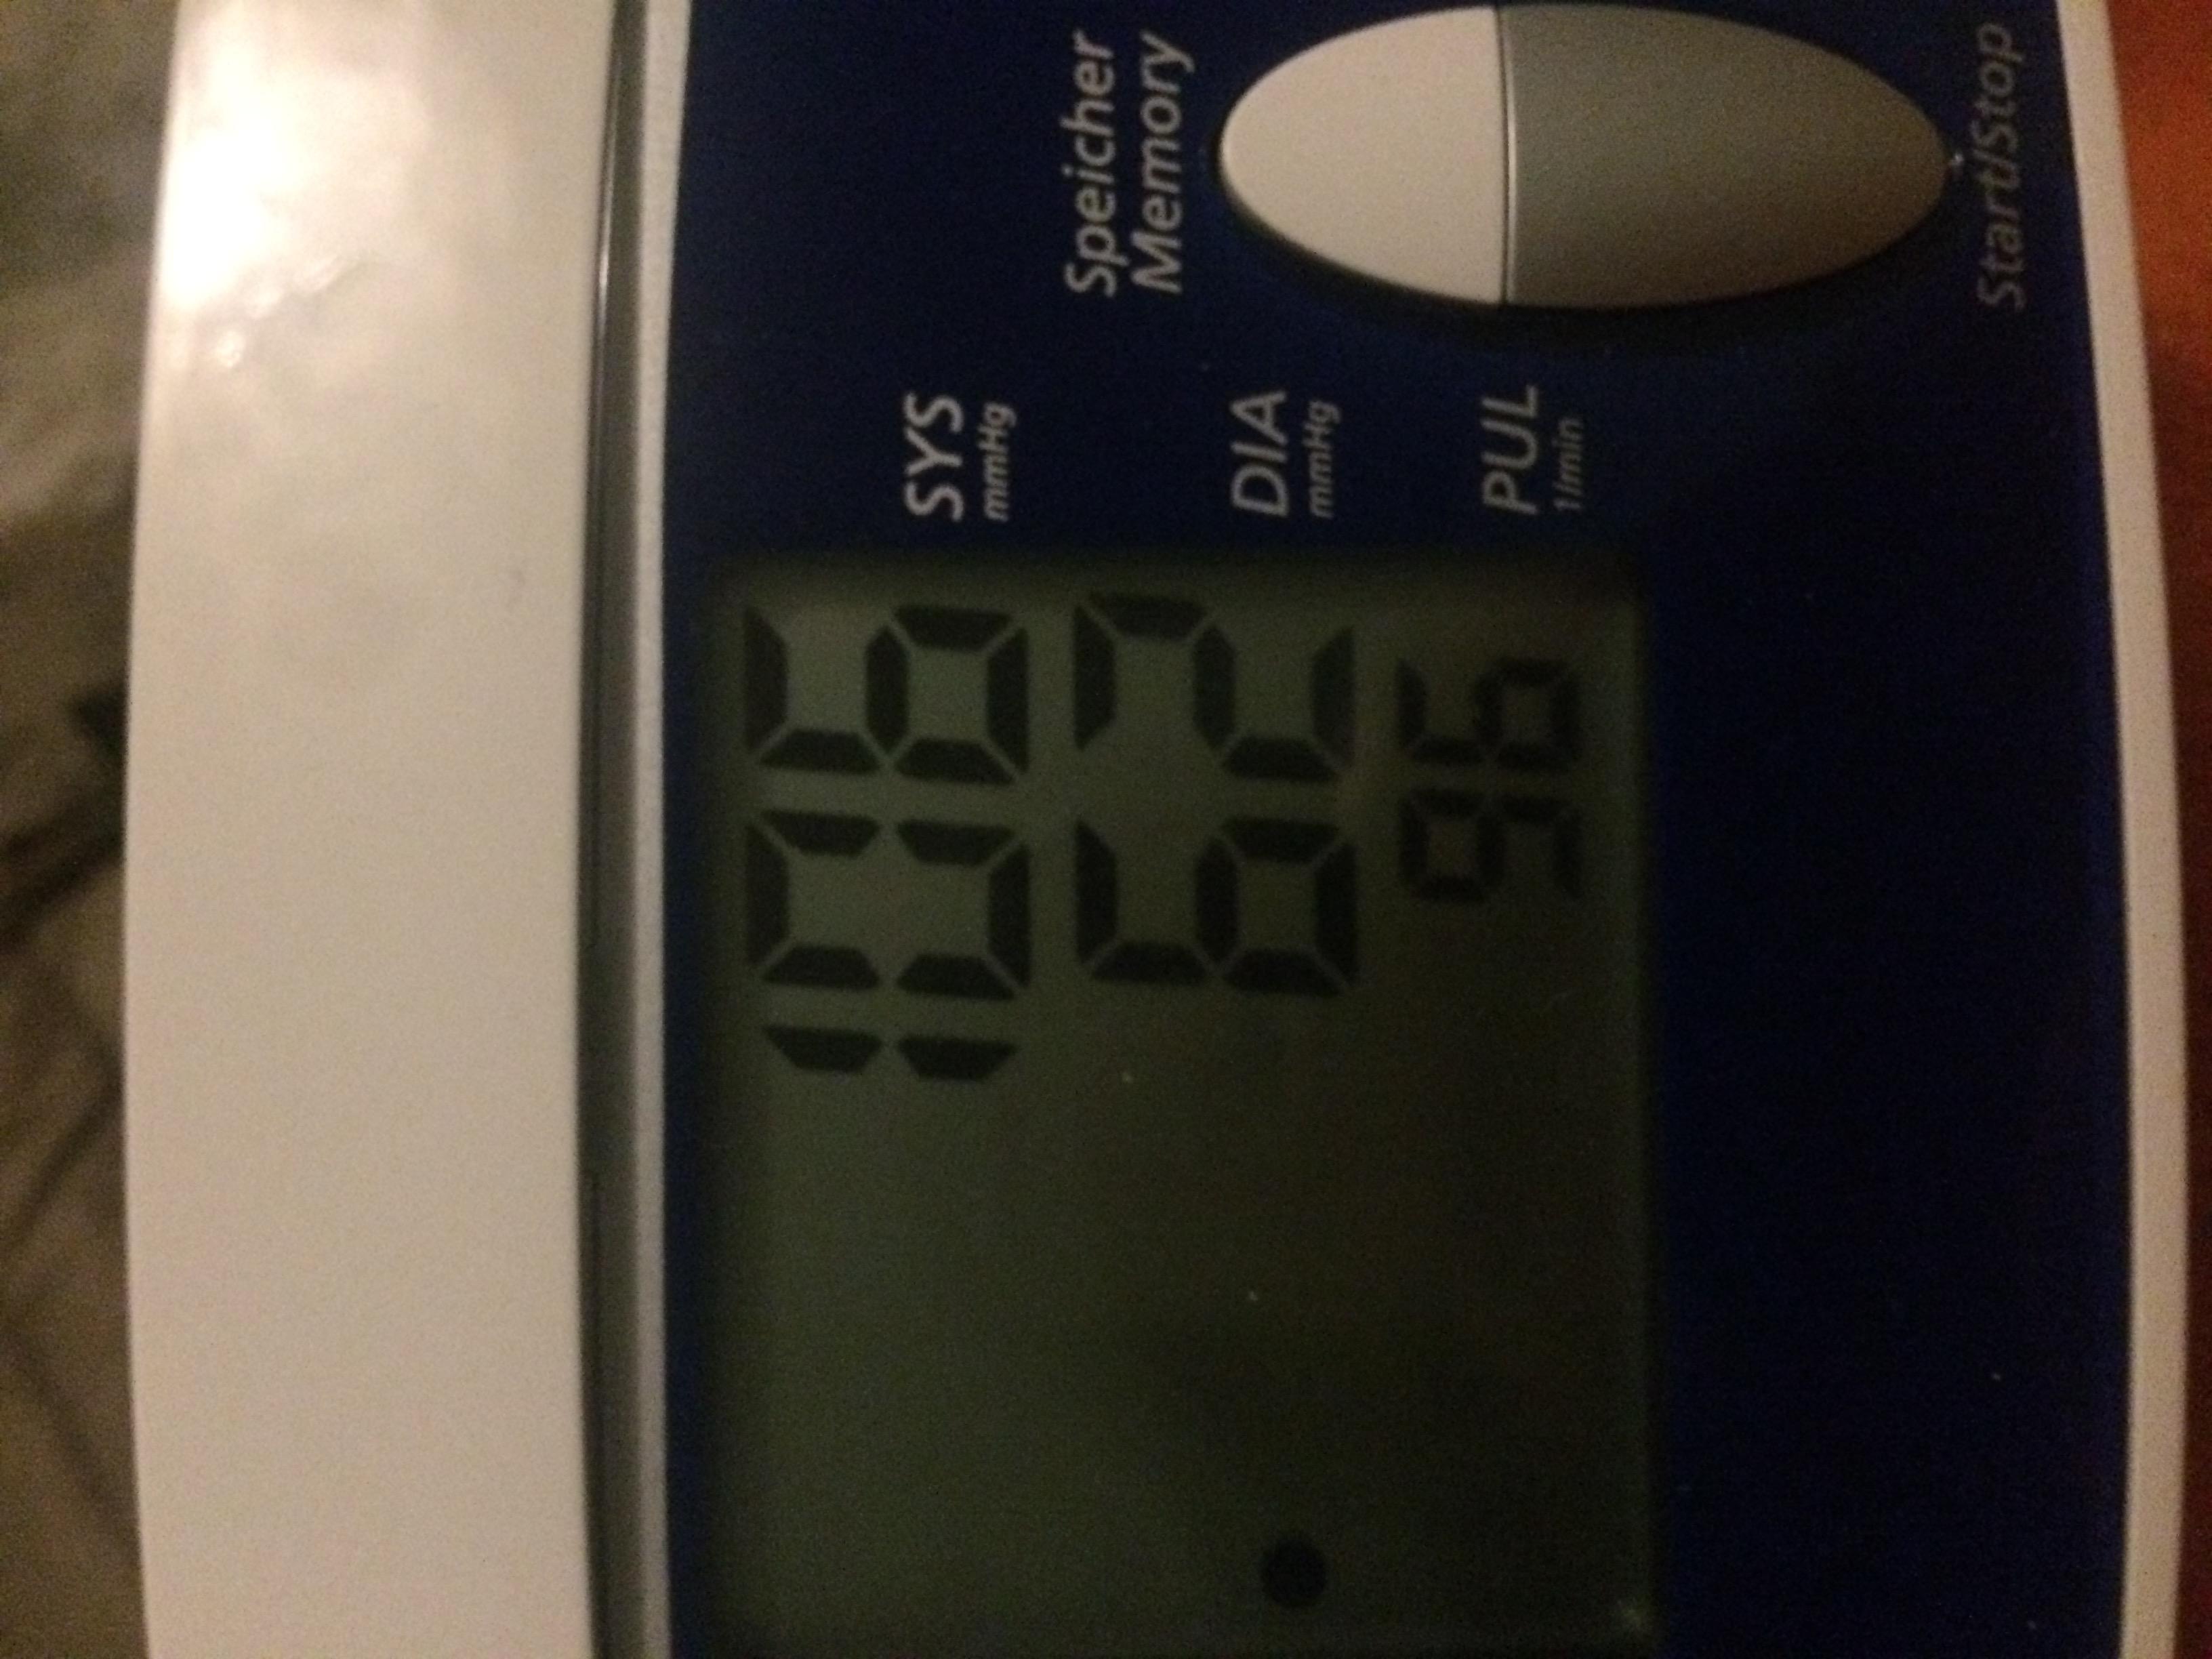 Stimmt das wenn der Blutdruck zu niedrig ist ein hoher..